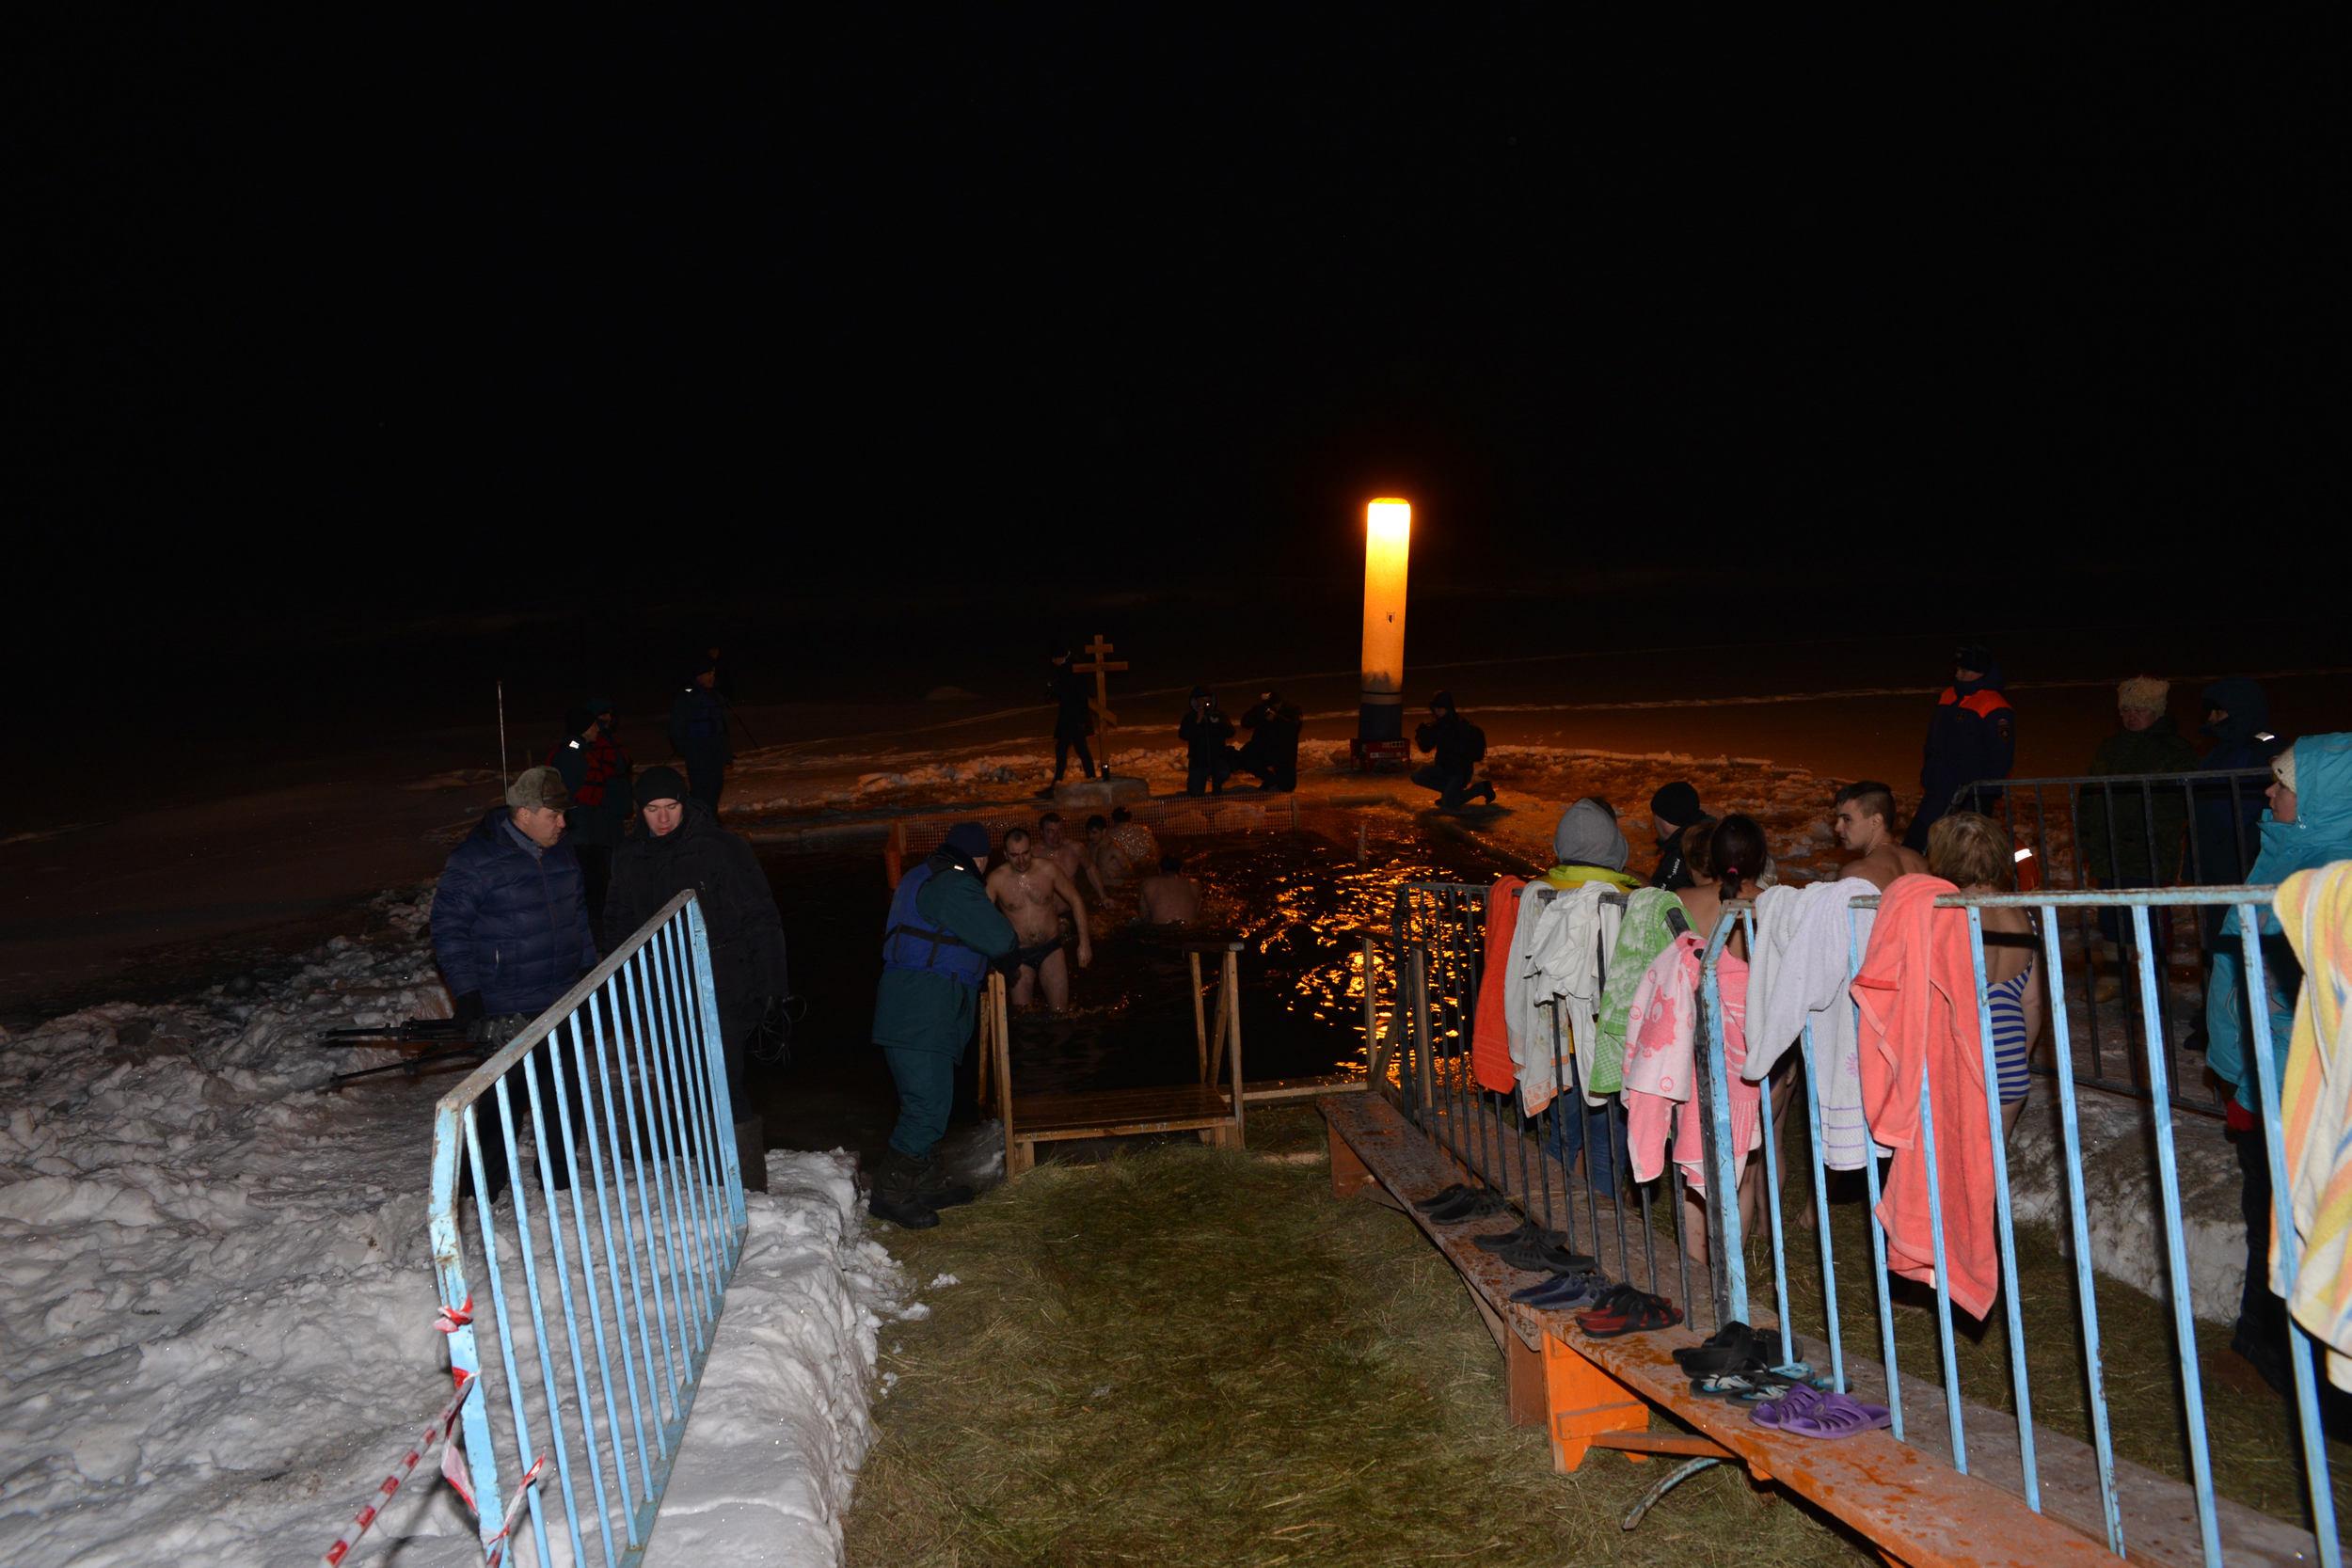 МВД Удмуртии: Крещенские купания вреспублике прошли без происшествий